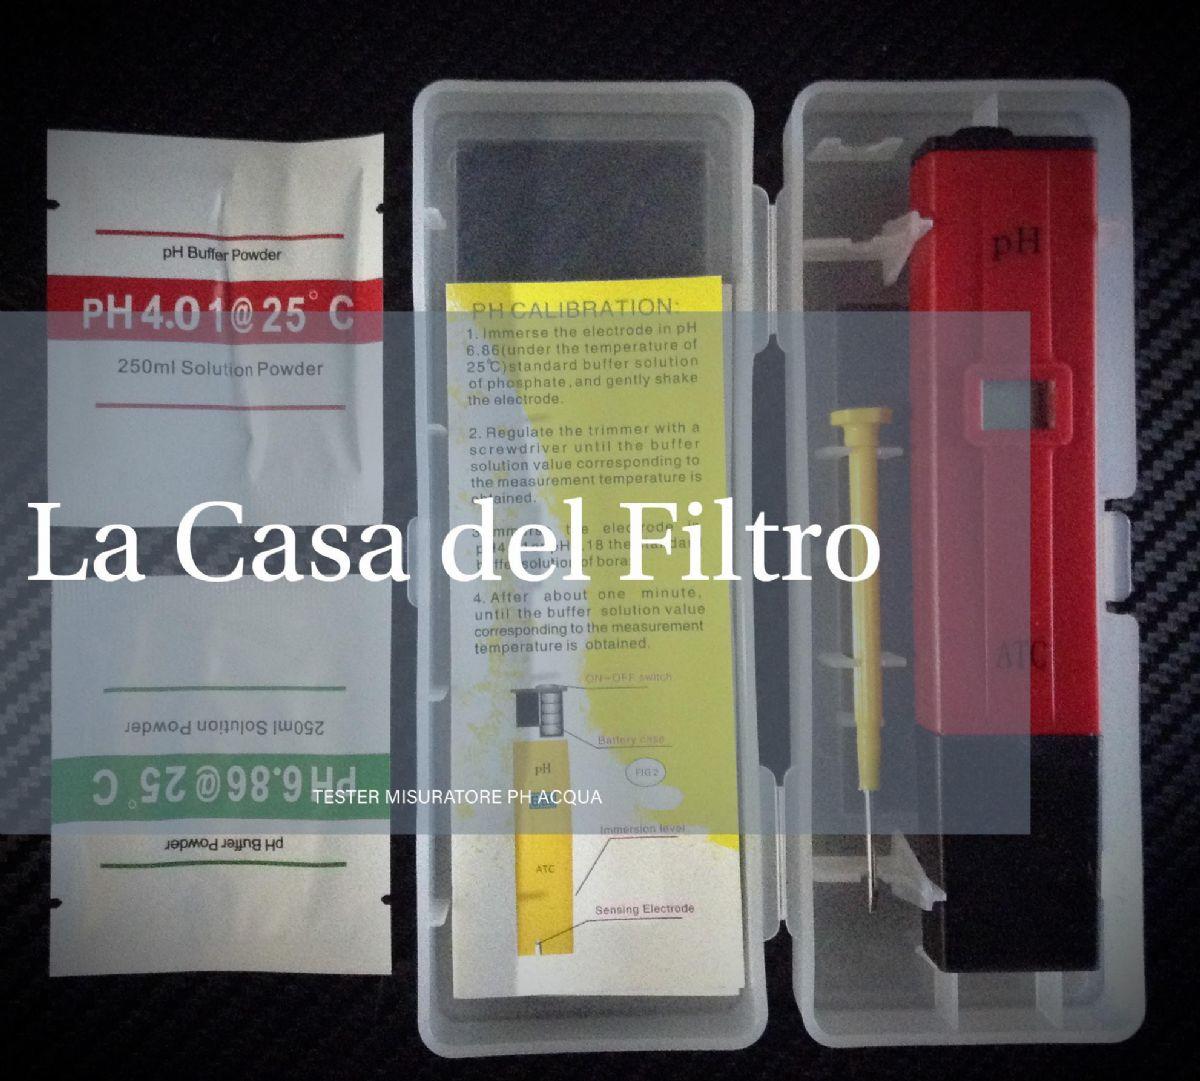 Ph per acqua misuratore tester pennino ph acqua osmosi depuratore la casa del filtro - Misuratore ph piscina ...